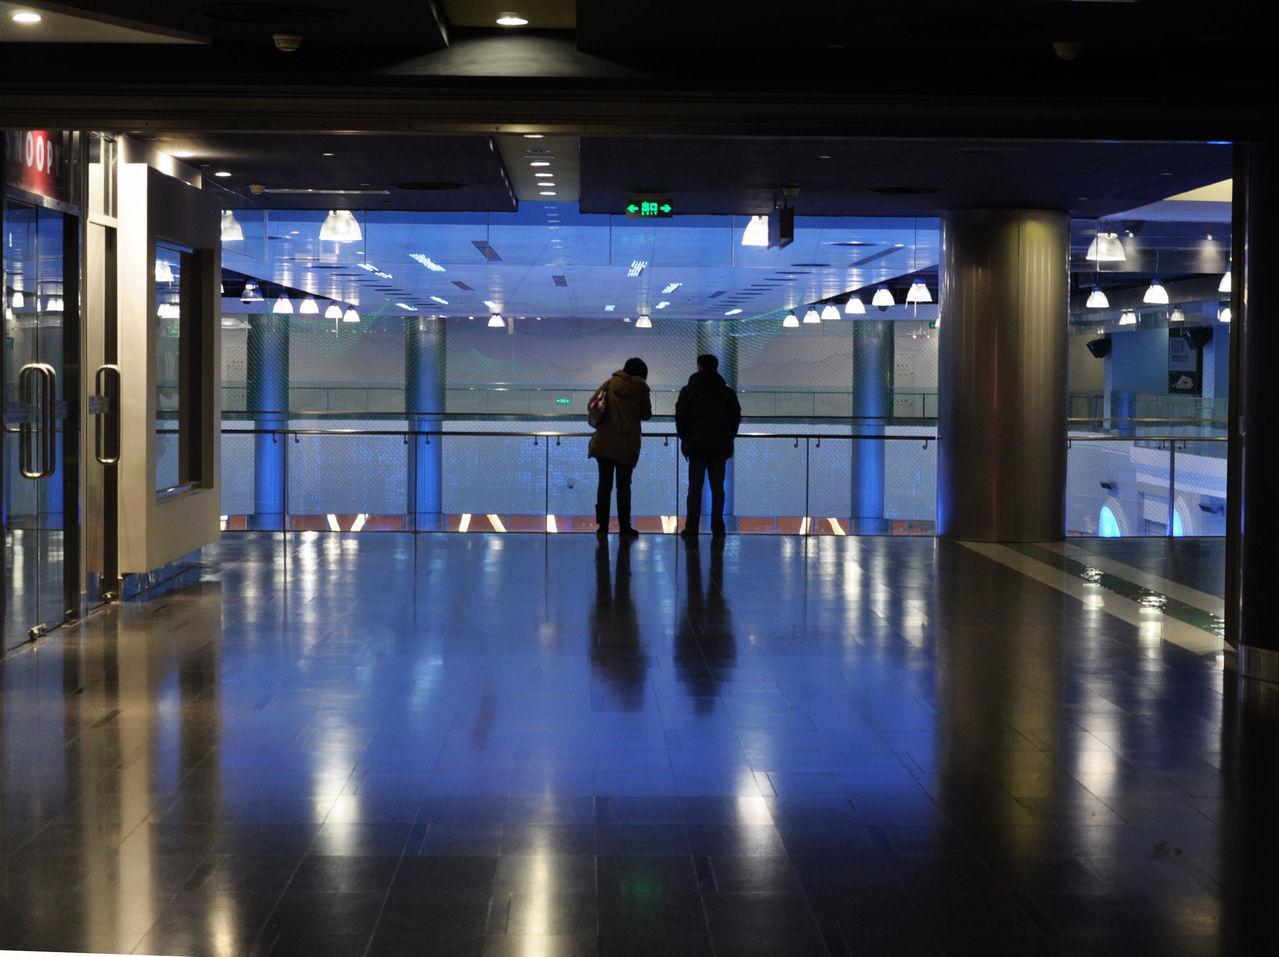 后世博上海梅赛德斯 奔驰演艺中心 灯火阑珊处有你吧 百度高清图片